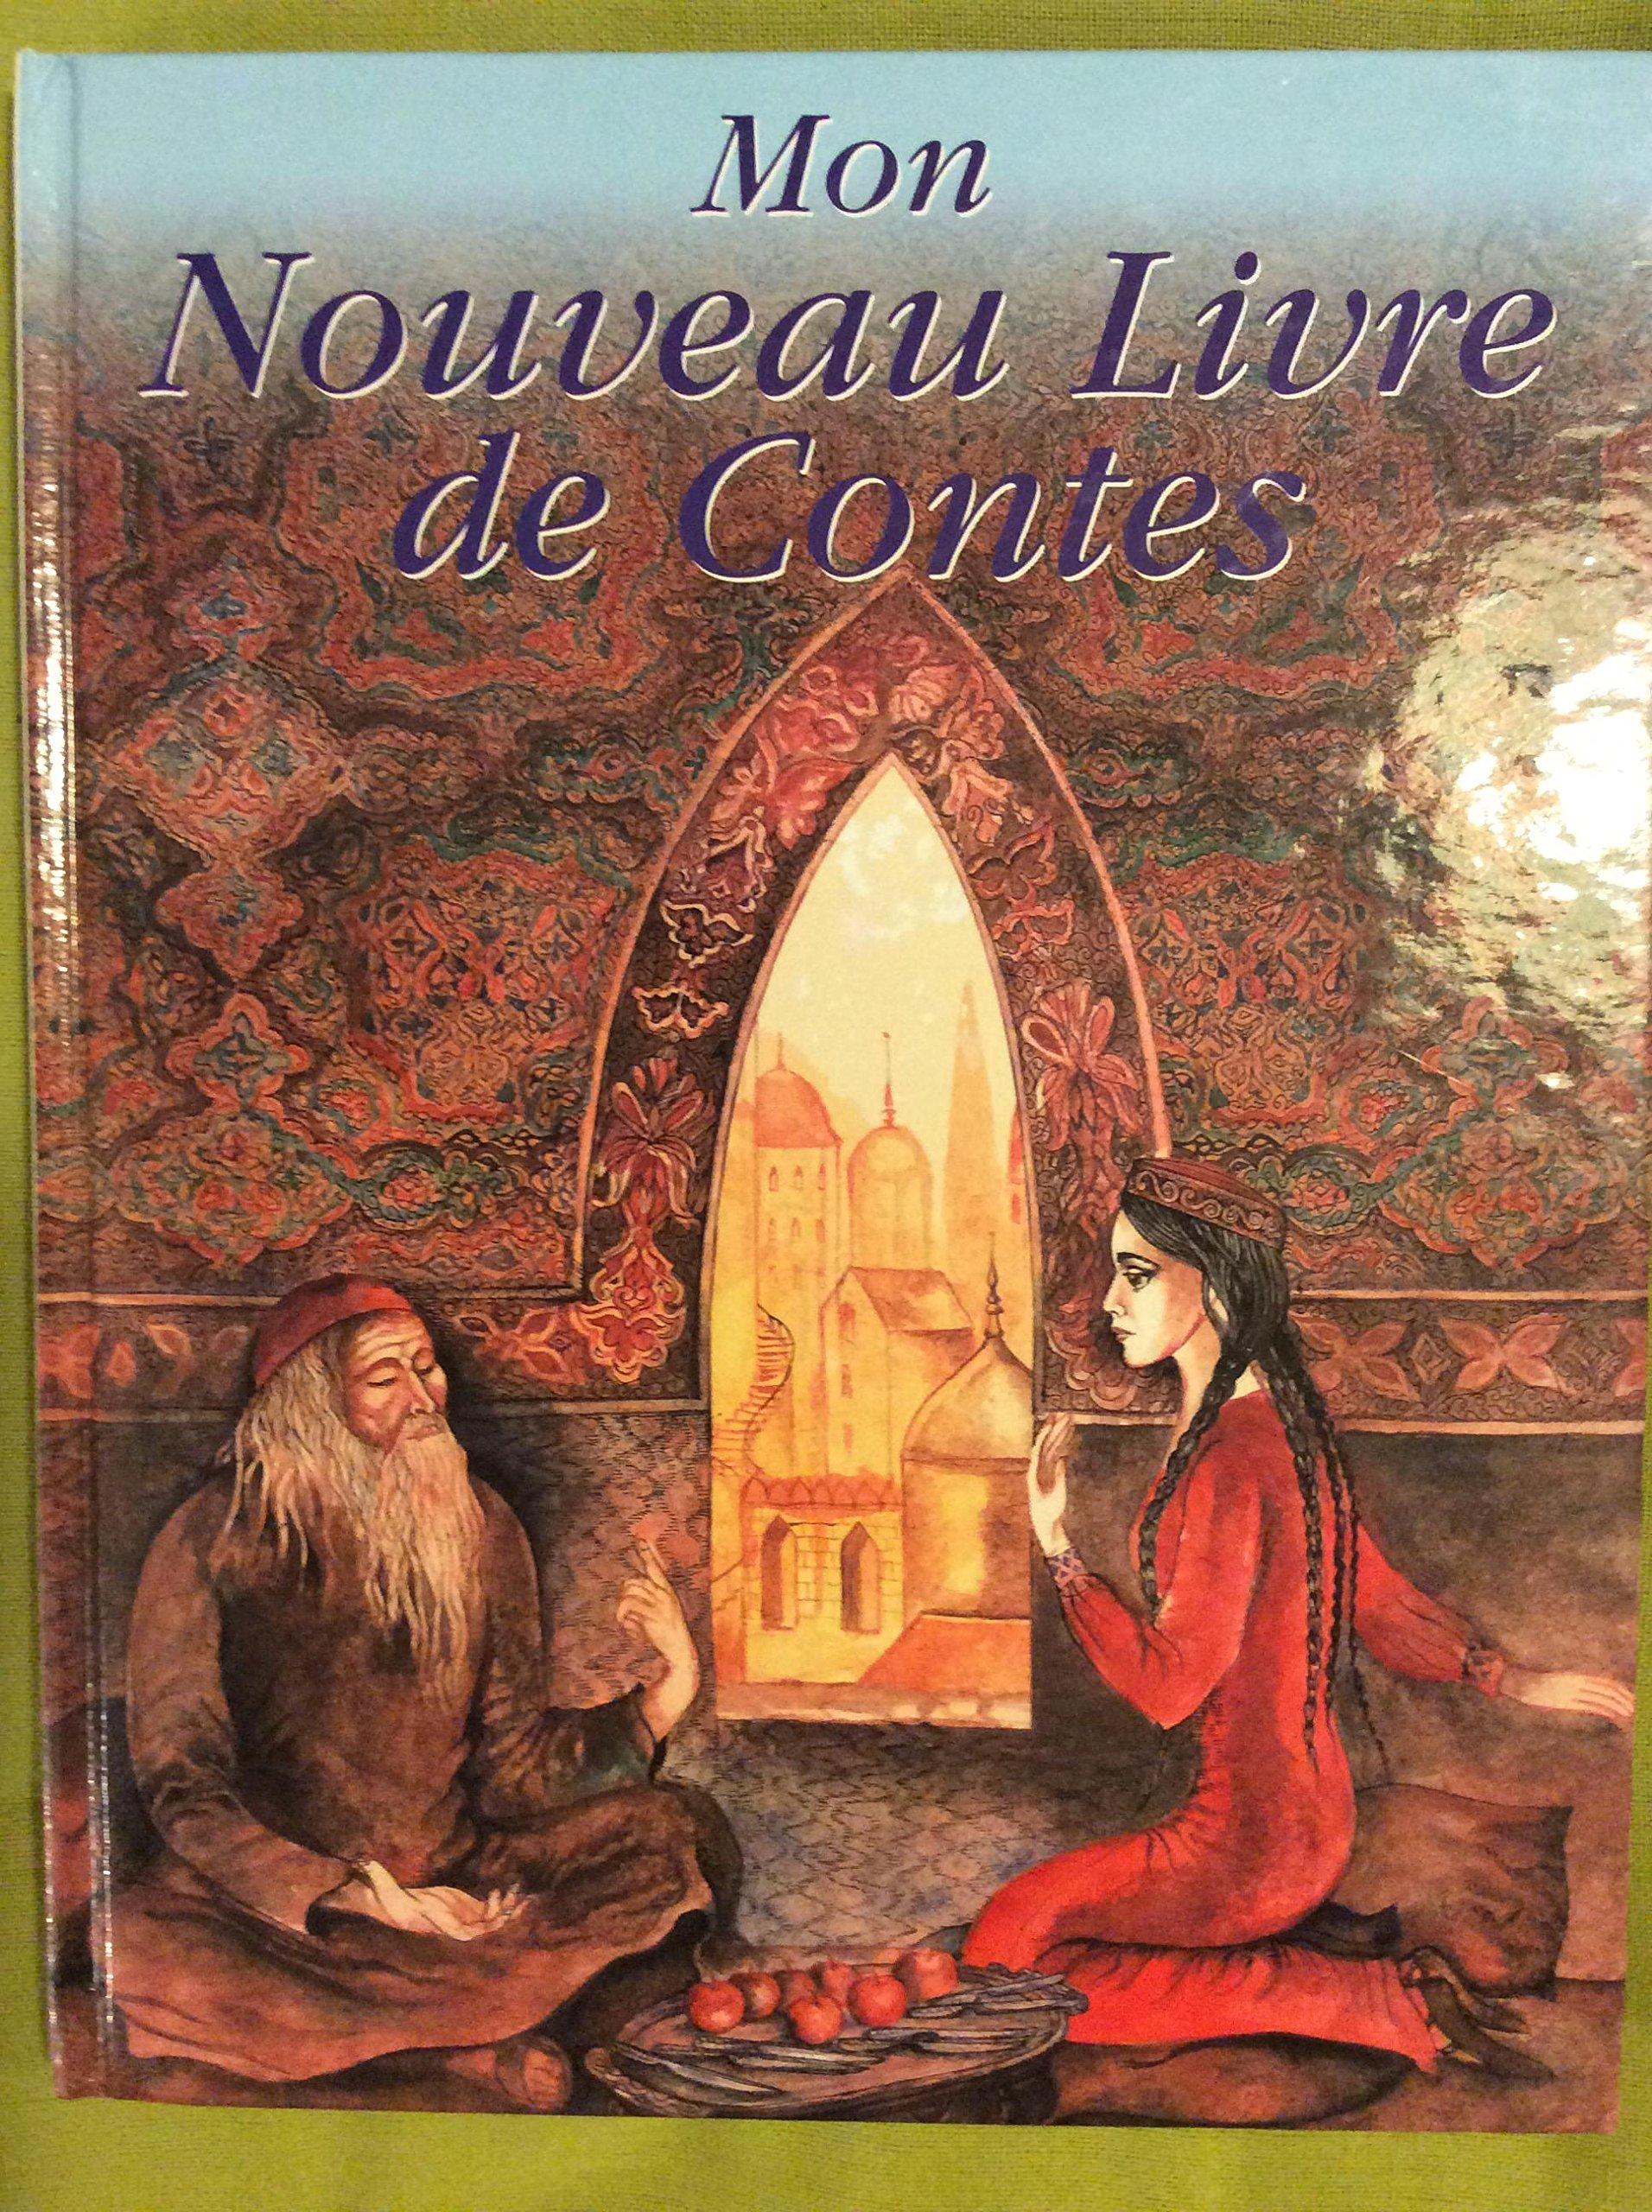 Mon nouveau livre de contes